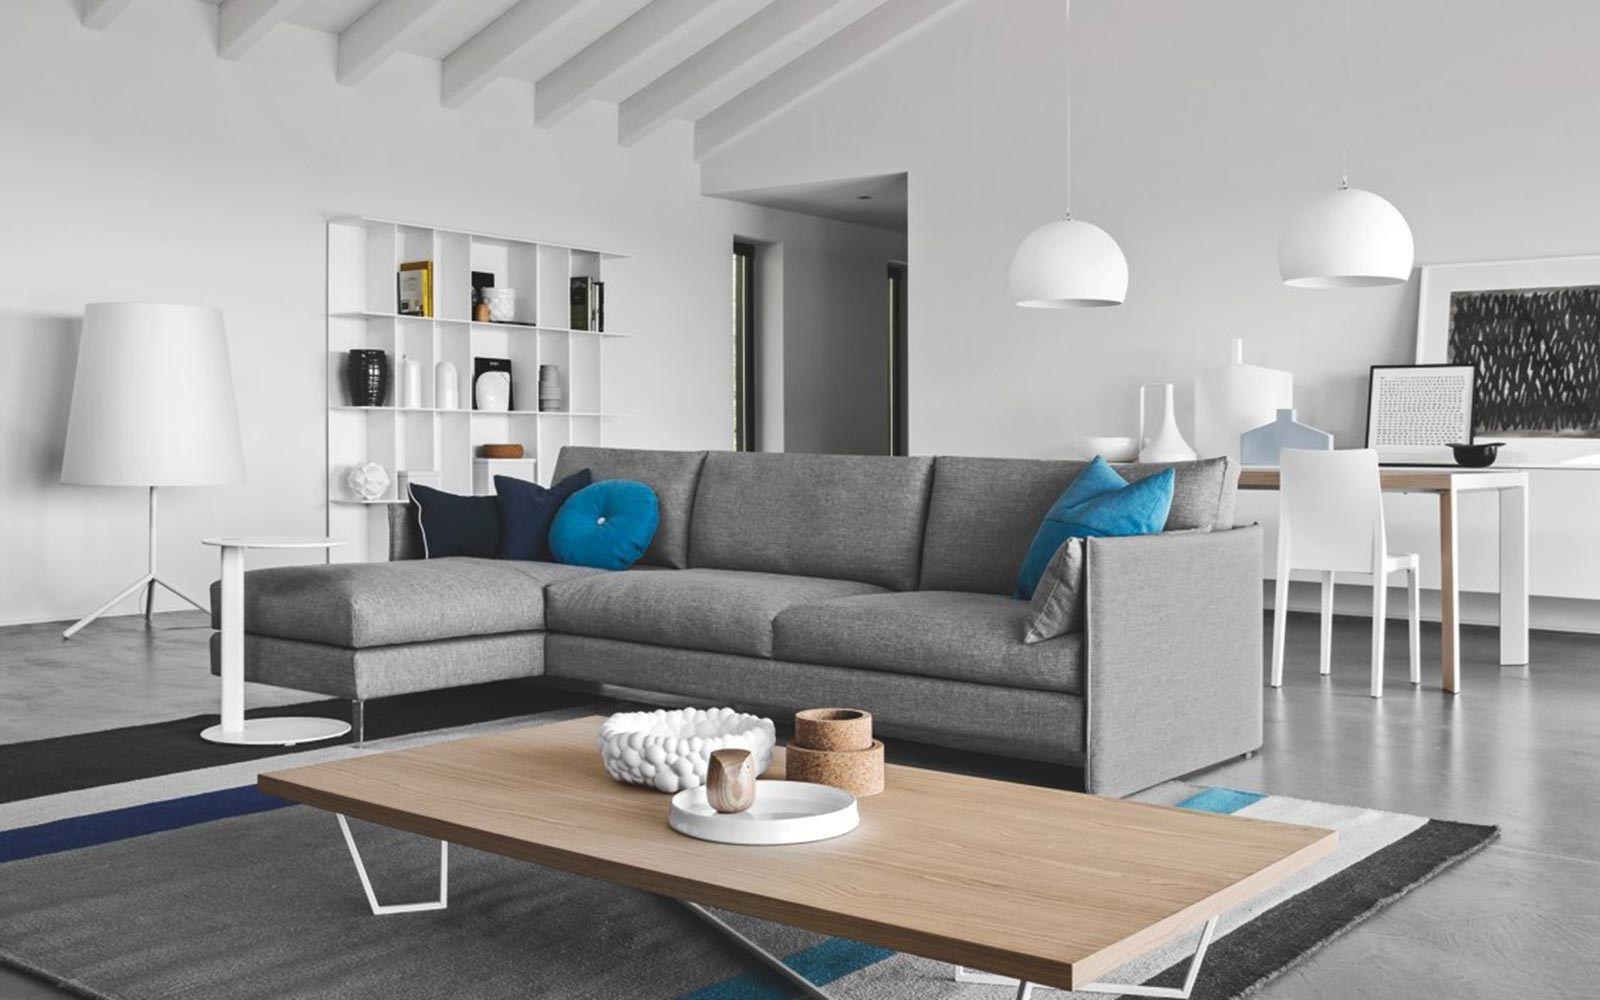 Divano componibile in tessuto urban by calligaris design for Mobili di design bernhardt